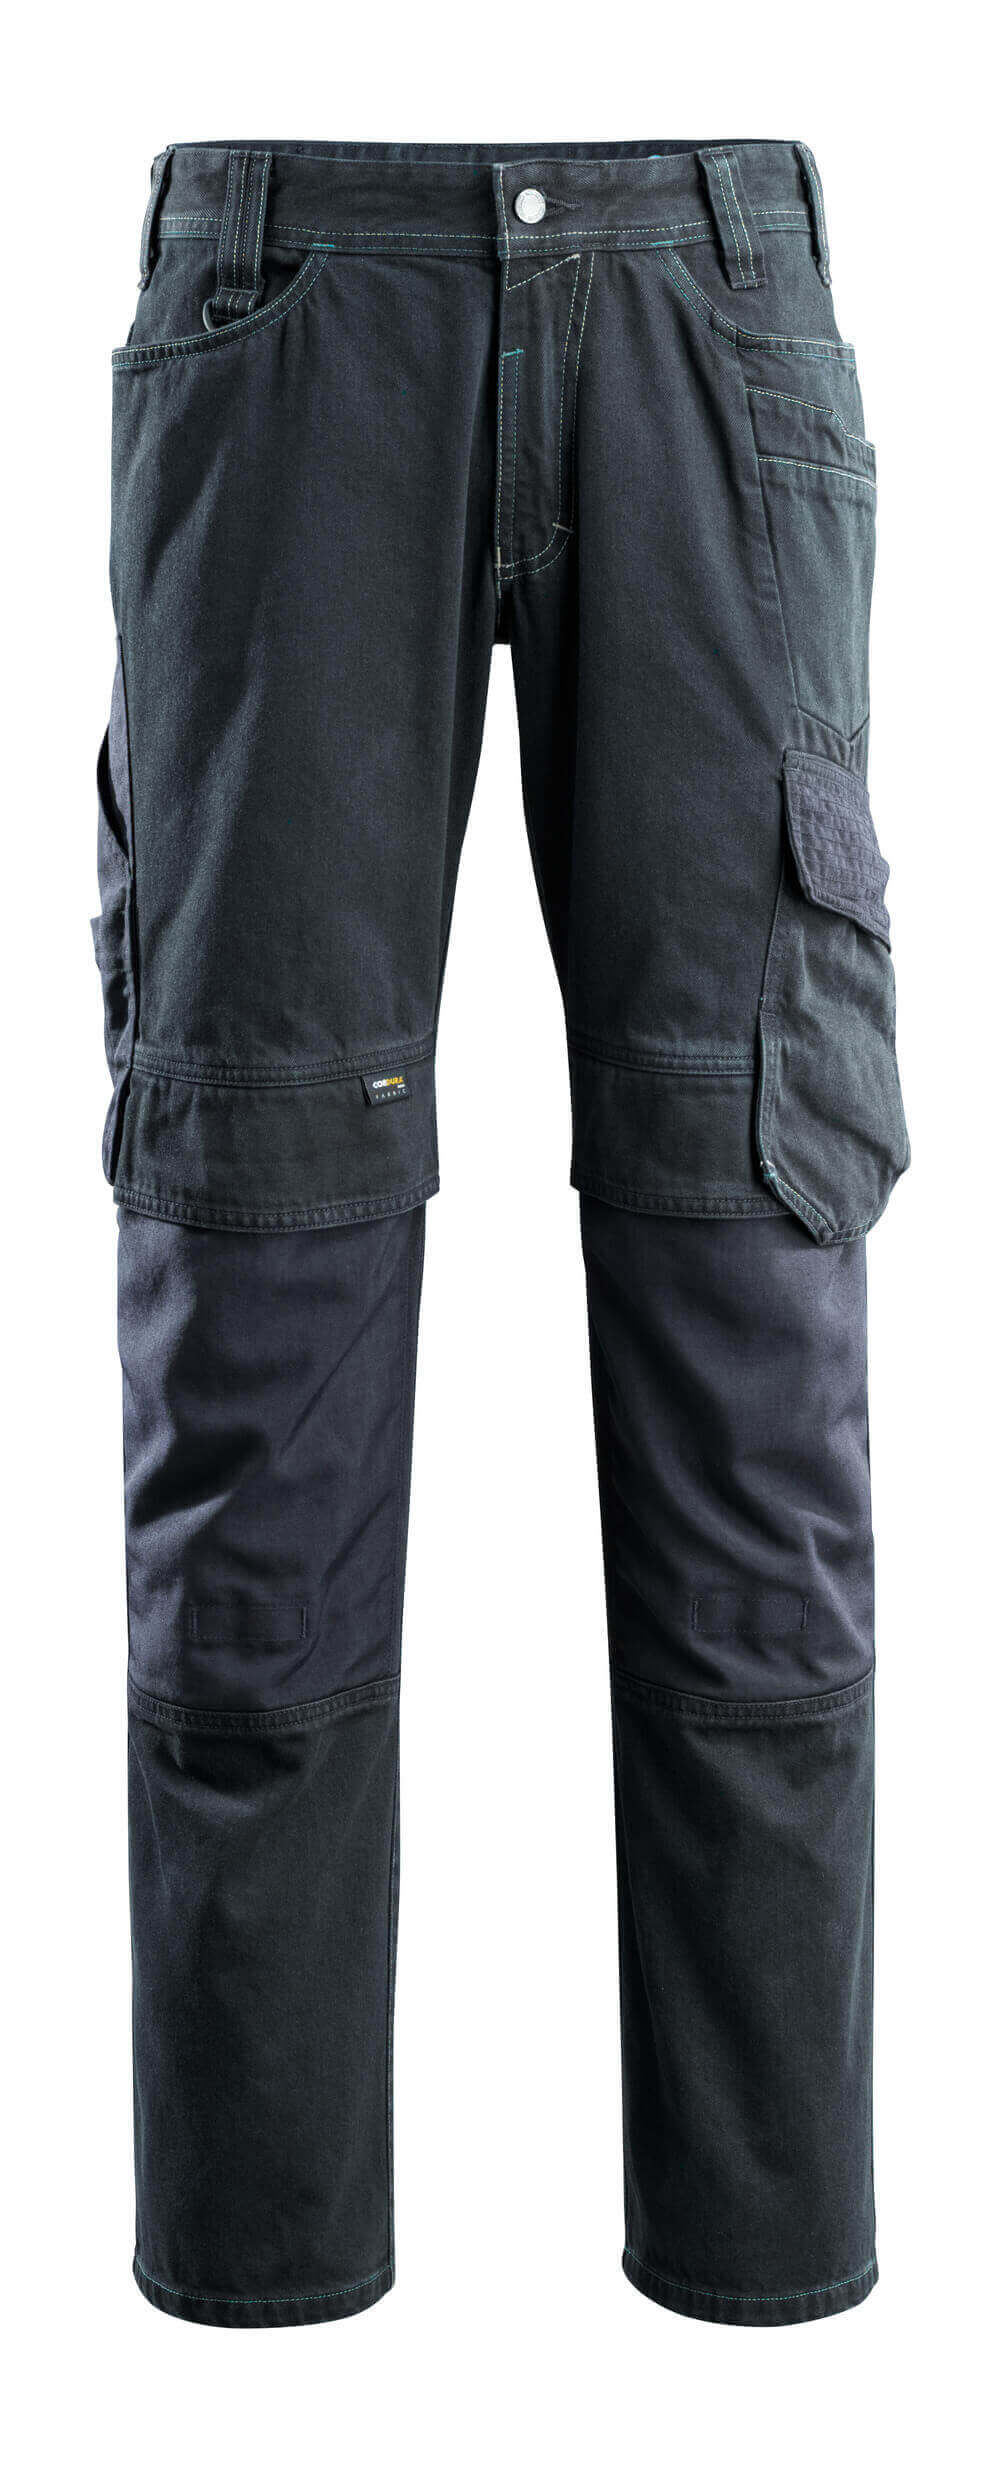 15179-207-86 Jeans mit Knietaschen - Dunkelblauer Denim